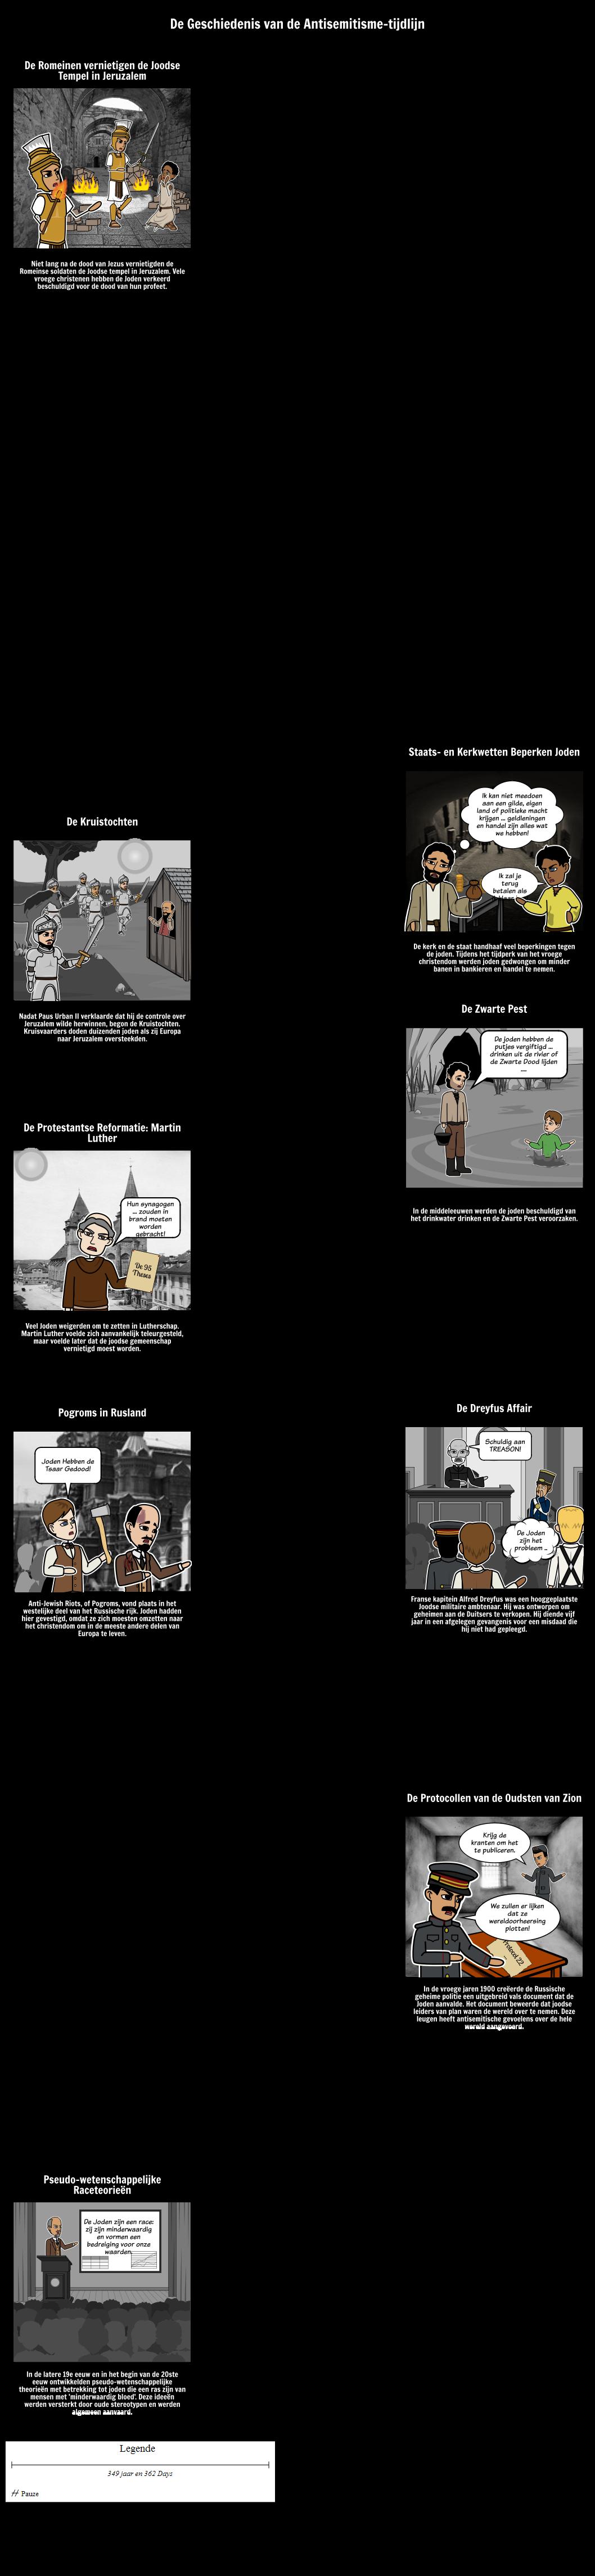 De Geschiedenis van de Holocaust - Geschiedenis van Antisemitisme